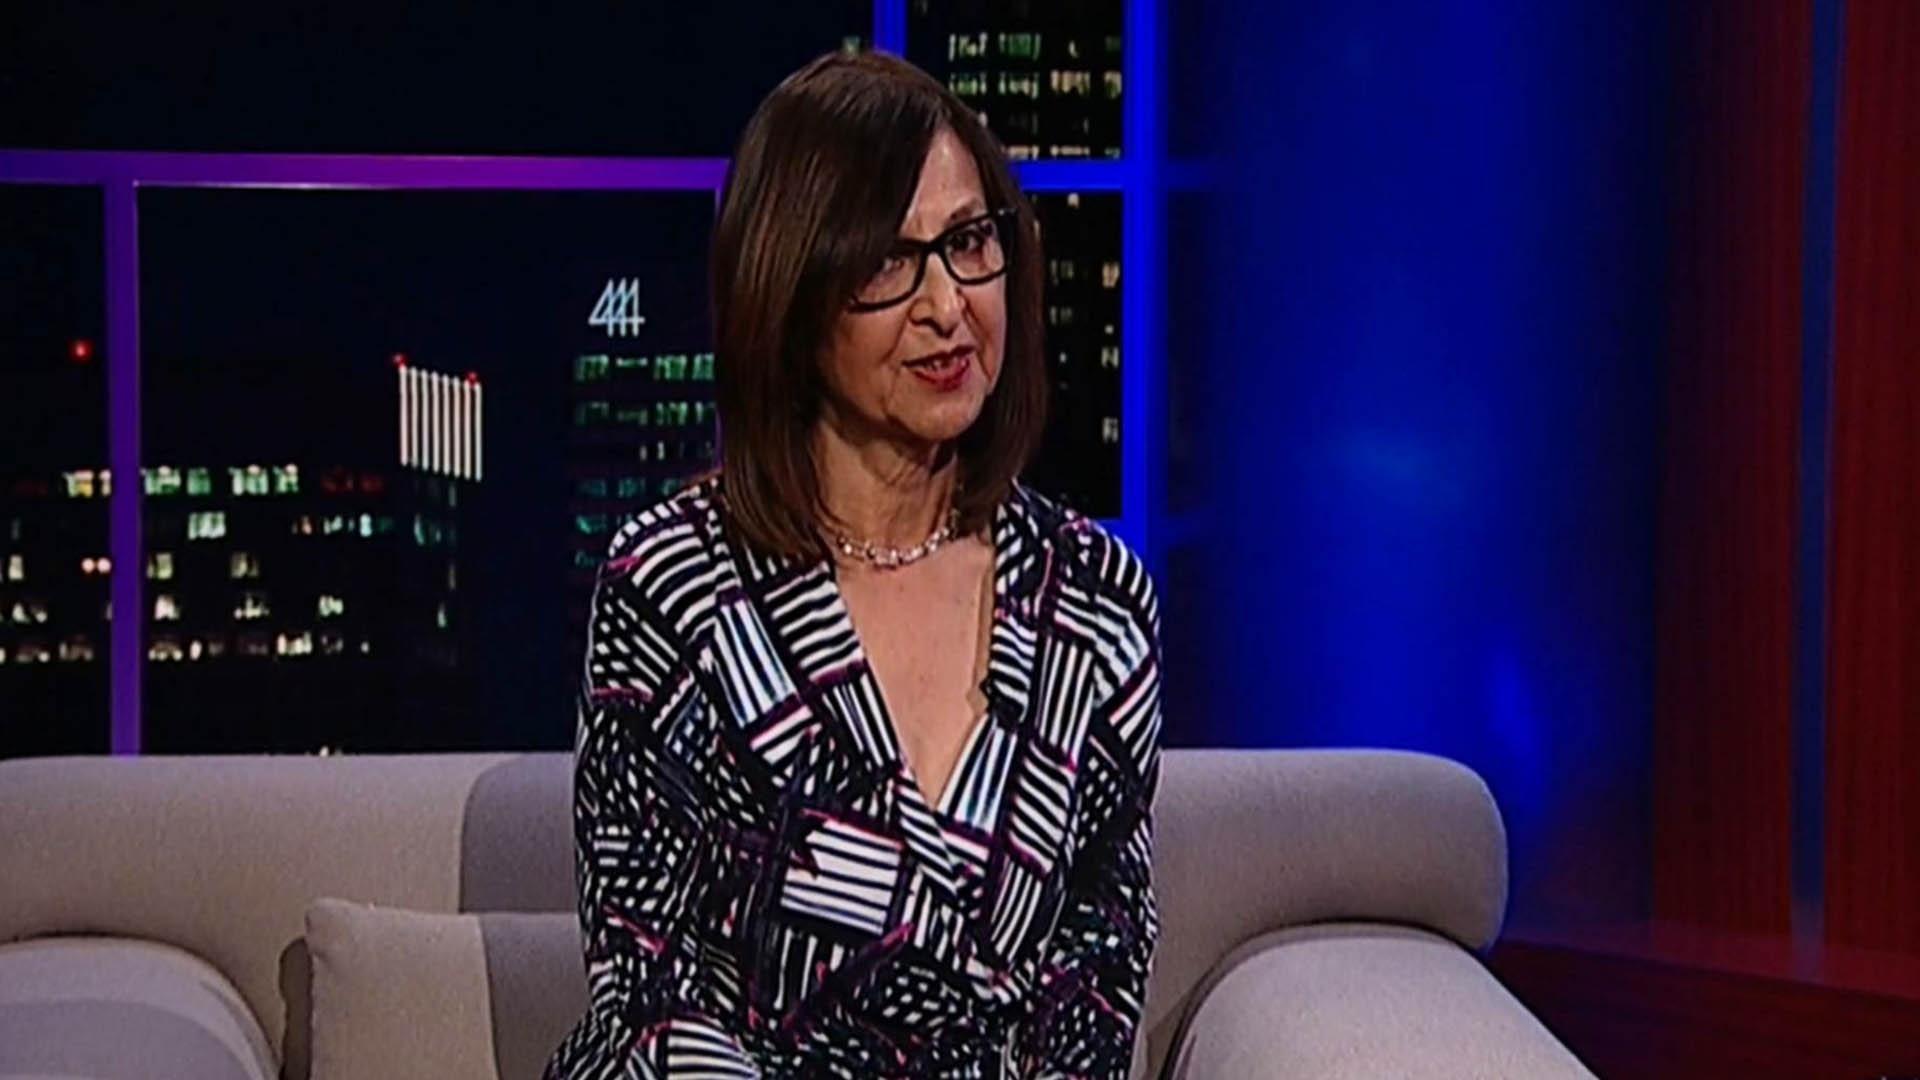 Pediatric Endocrinologist Dr. Naomi Neufeld